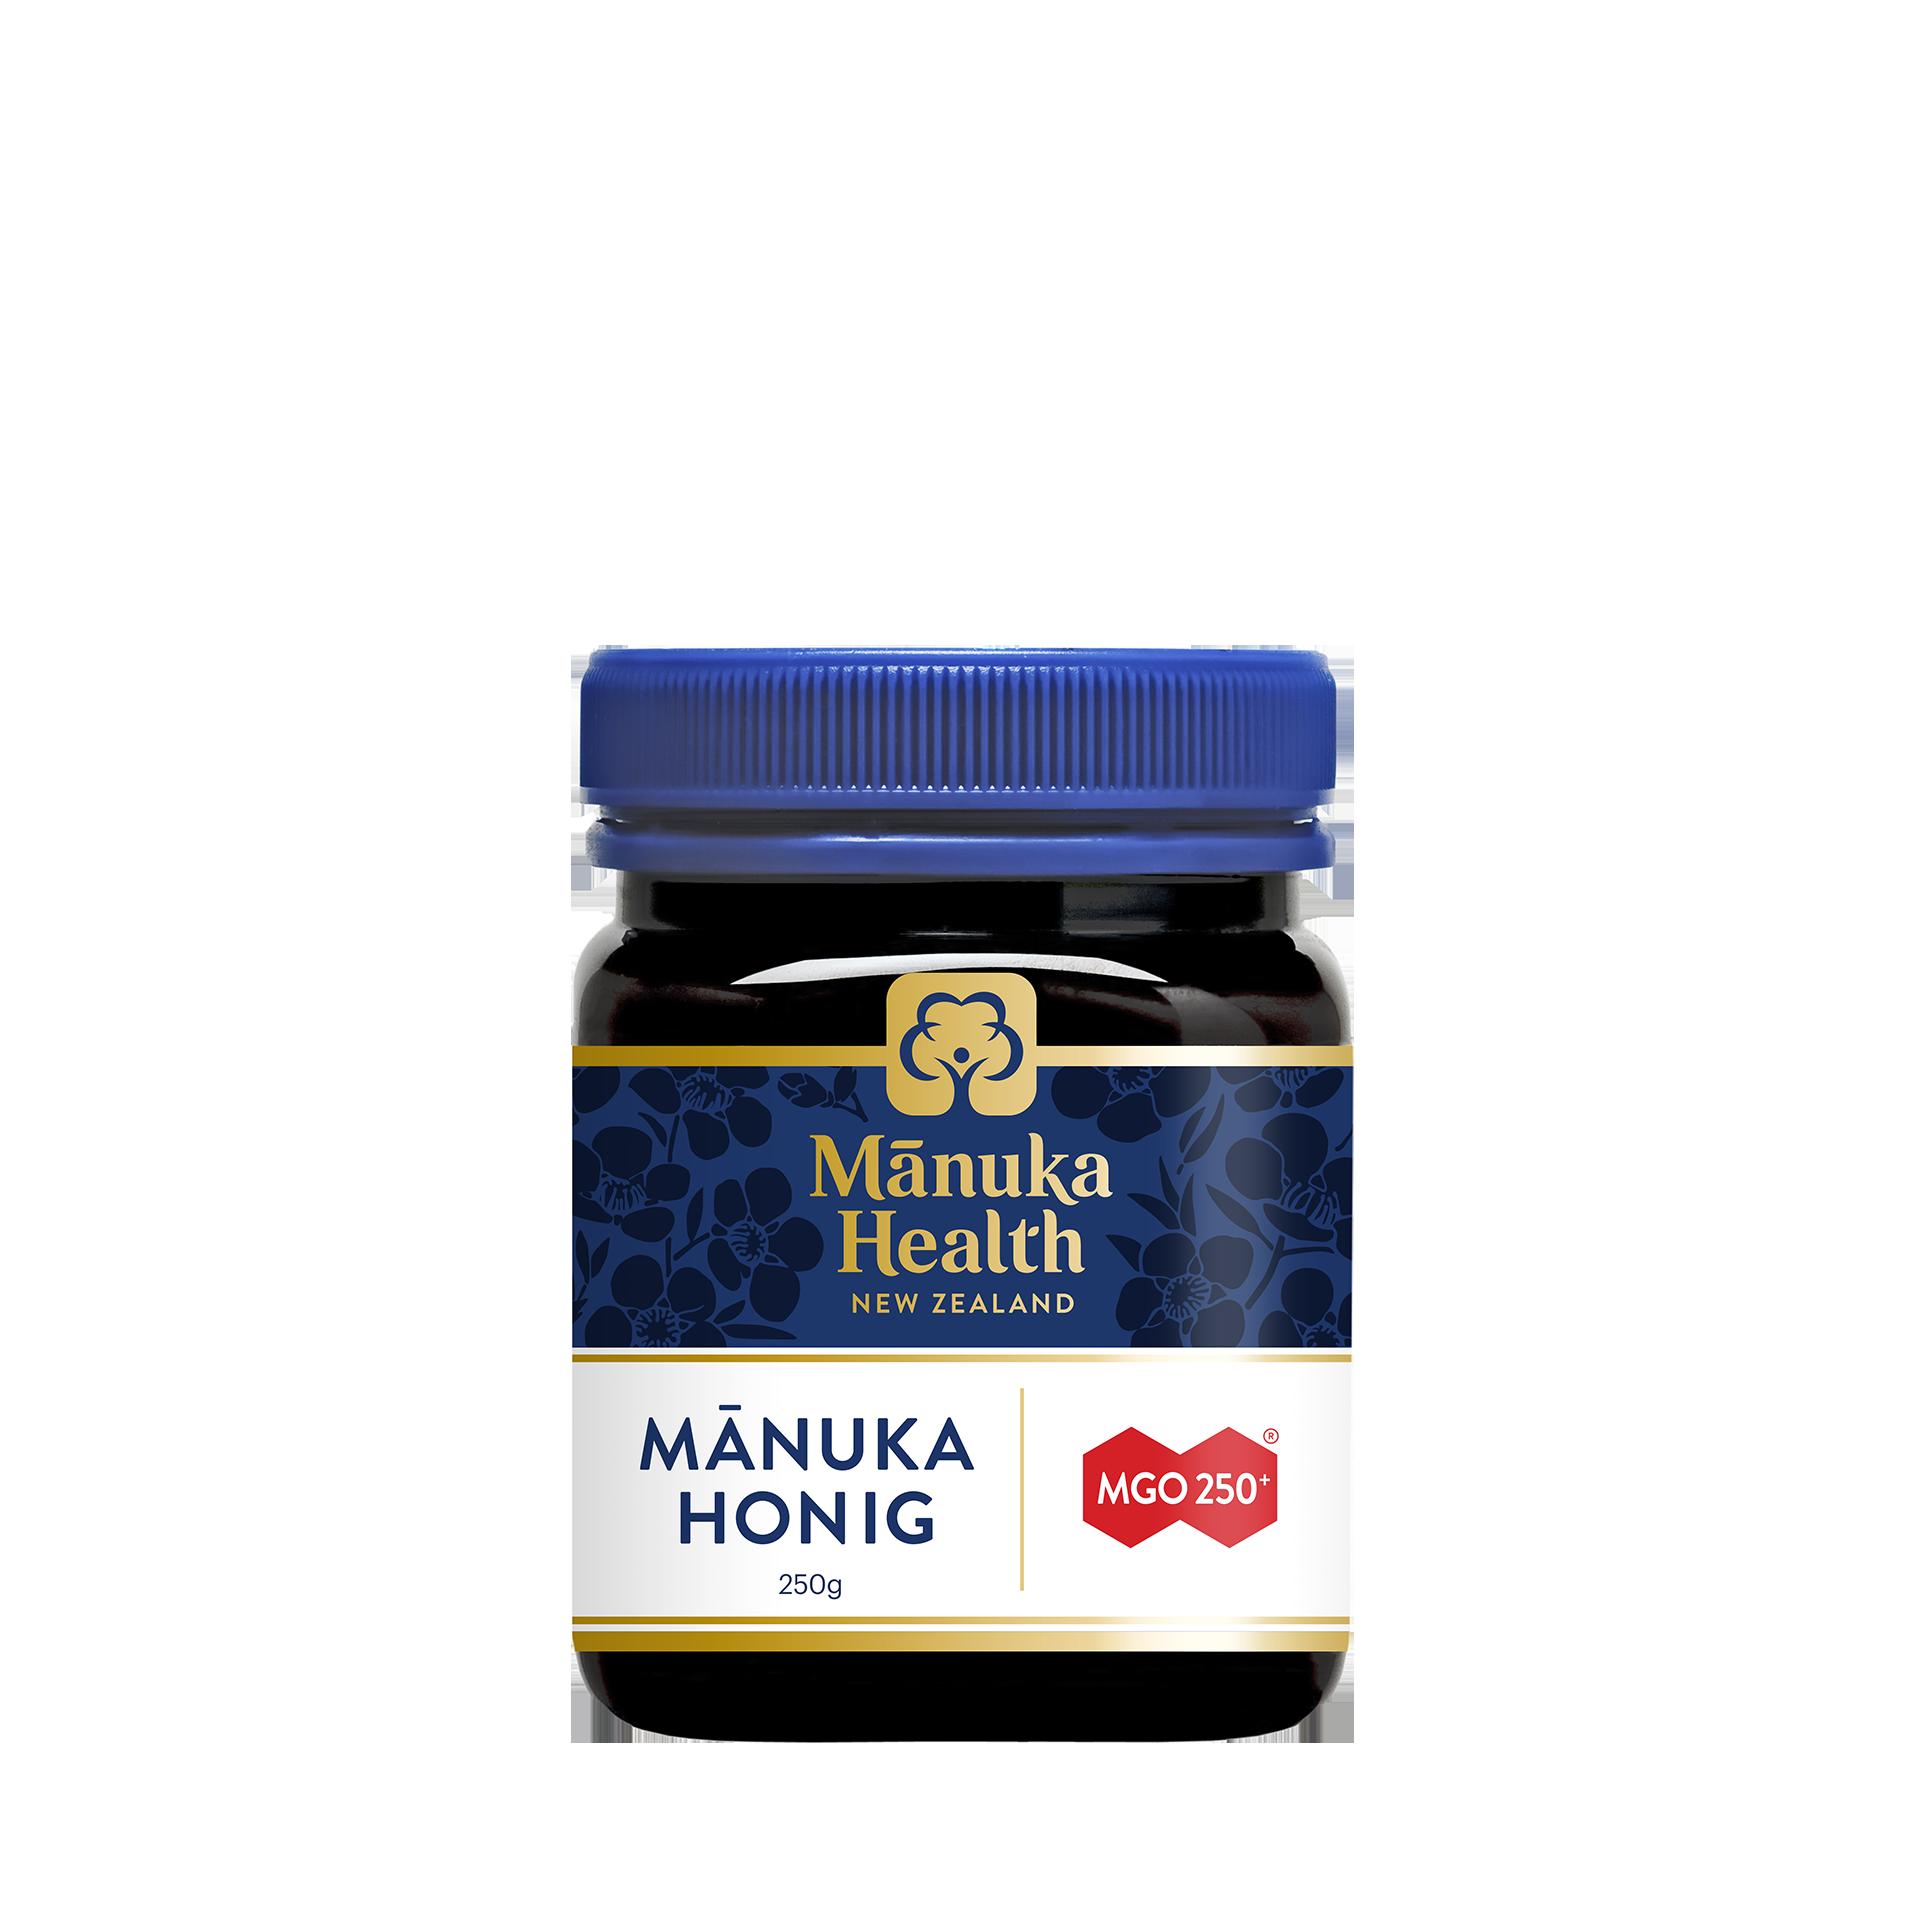 Manuka Honig MGO 250+, 250 g